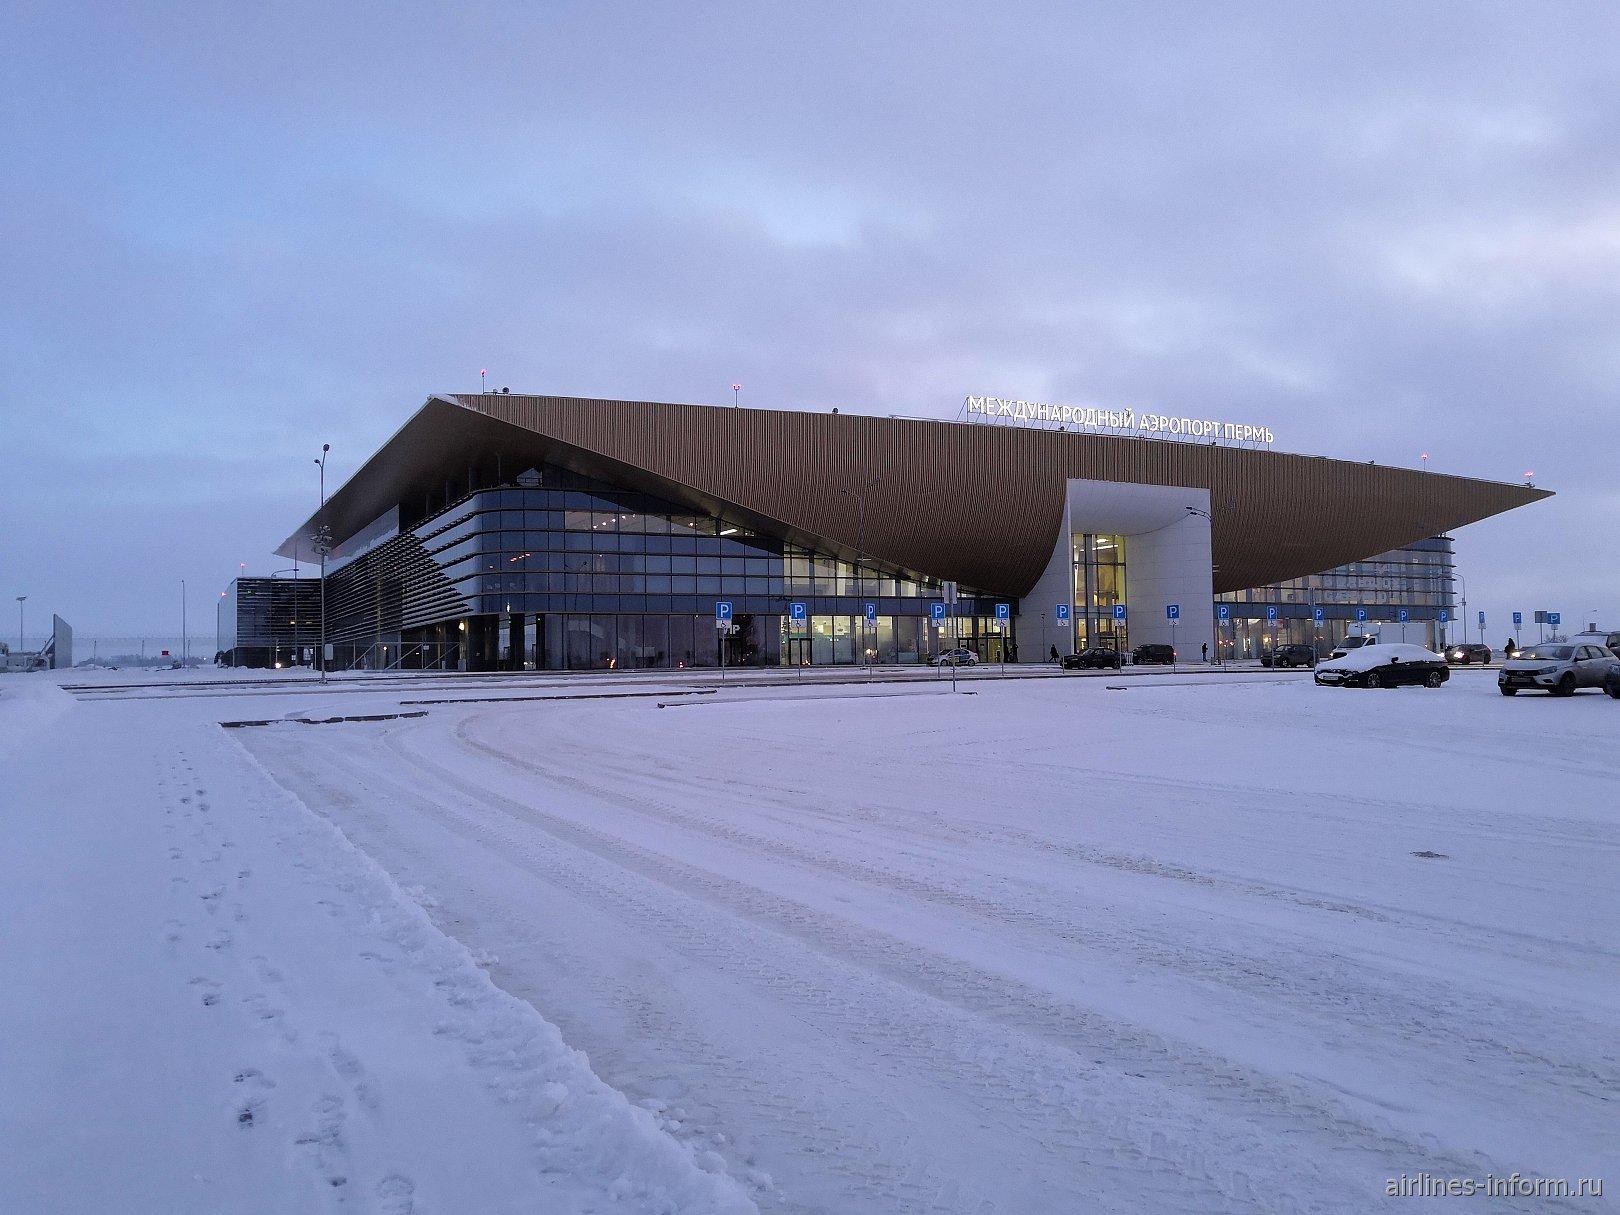 Новый пассажирский терминал аэропорта Пермь Большое Савино